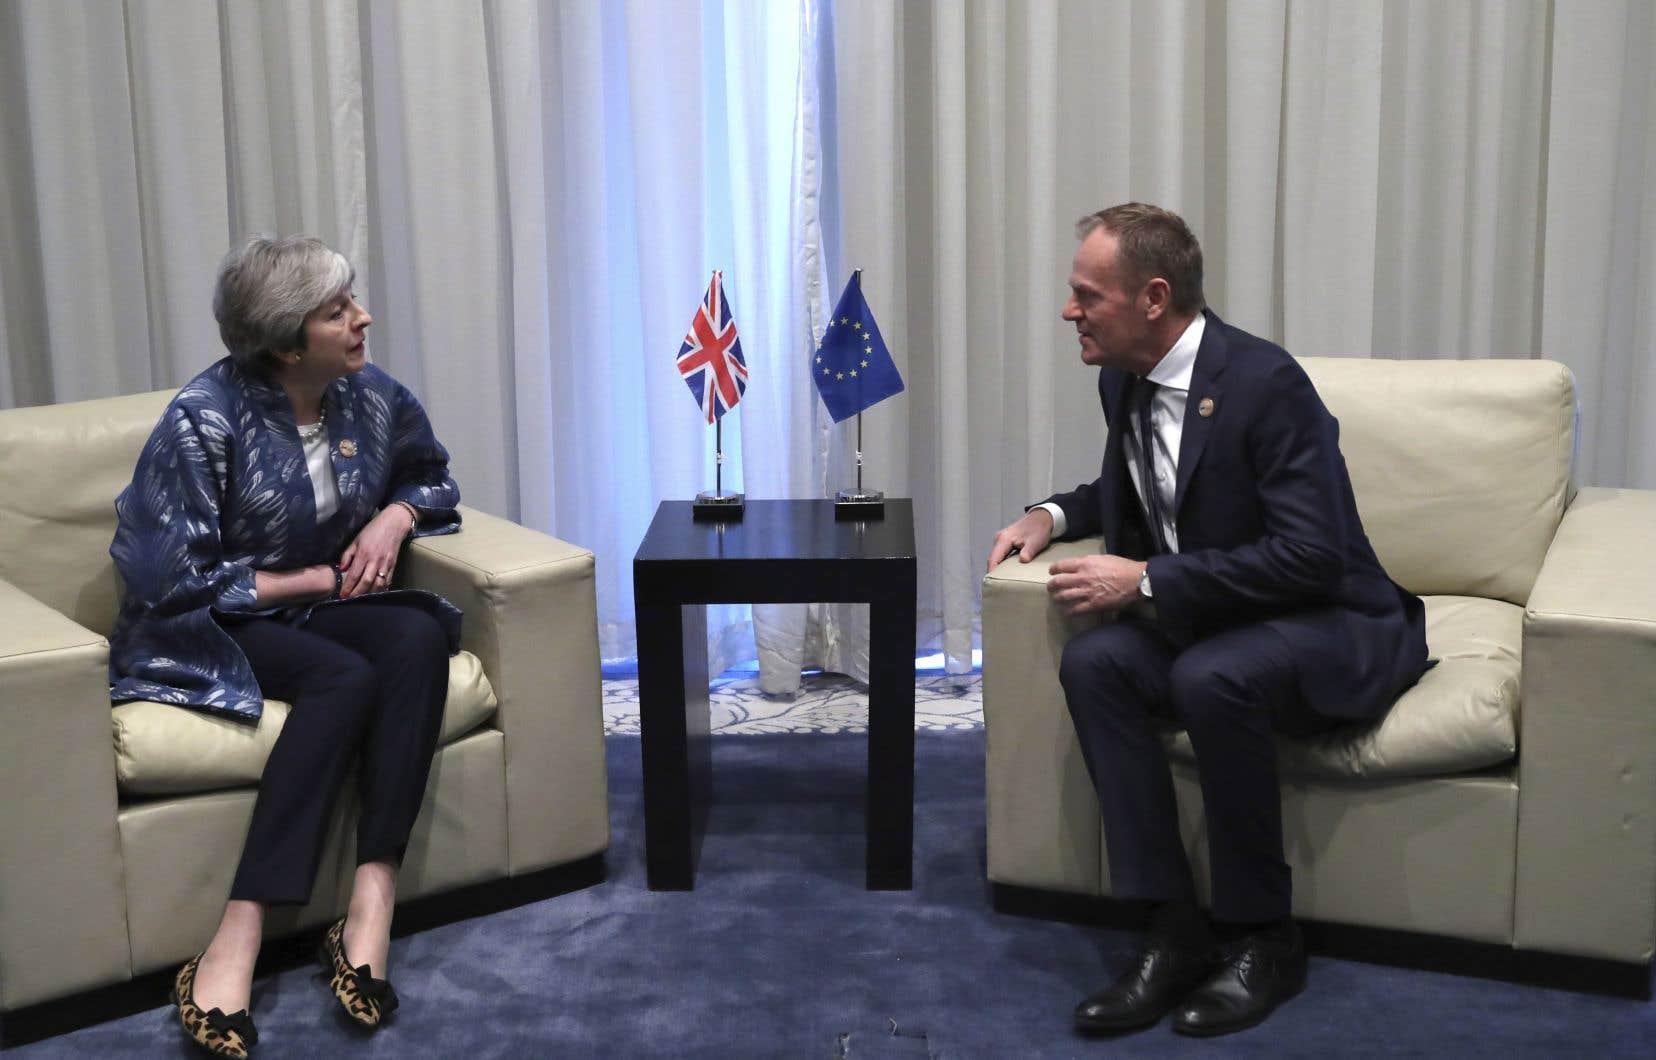 Theresa May et Donald Tusk se sont rencontrés ce dimanche en marge du sommet UE-Ligue arabe à Charm el-Cheikh, en Égypte.